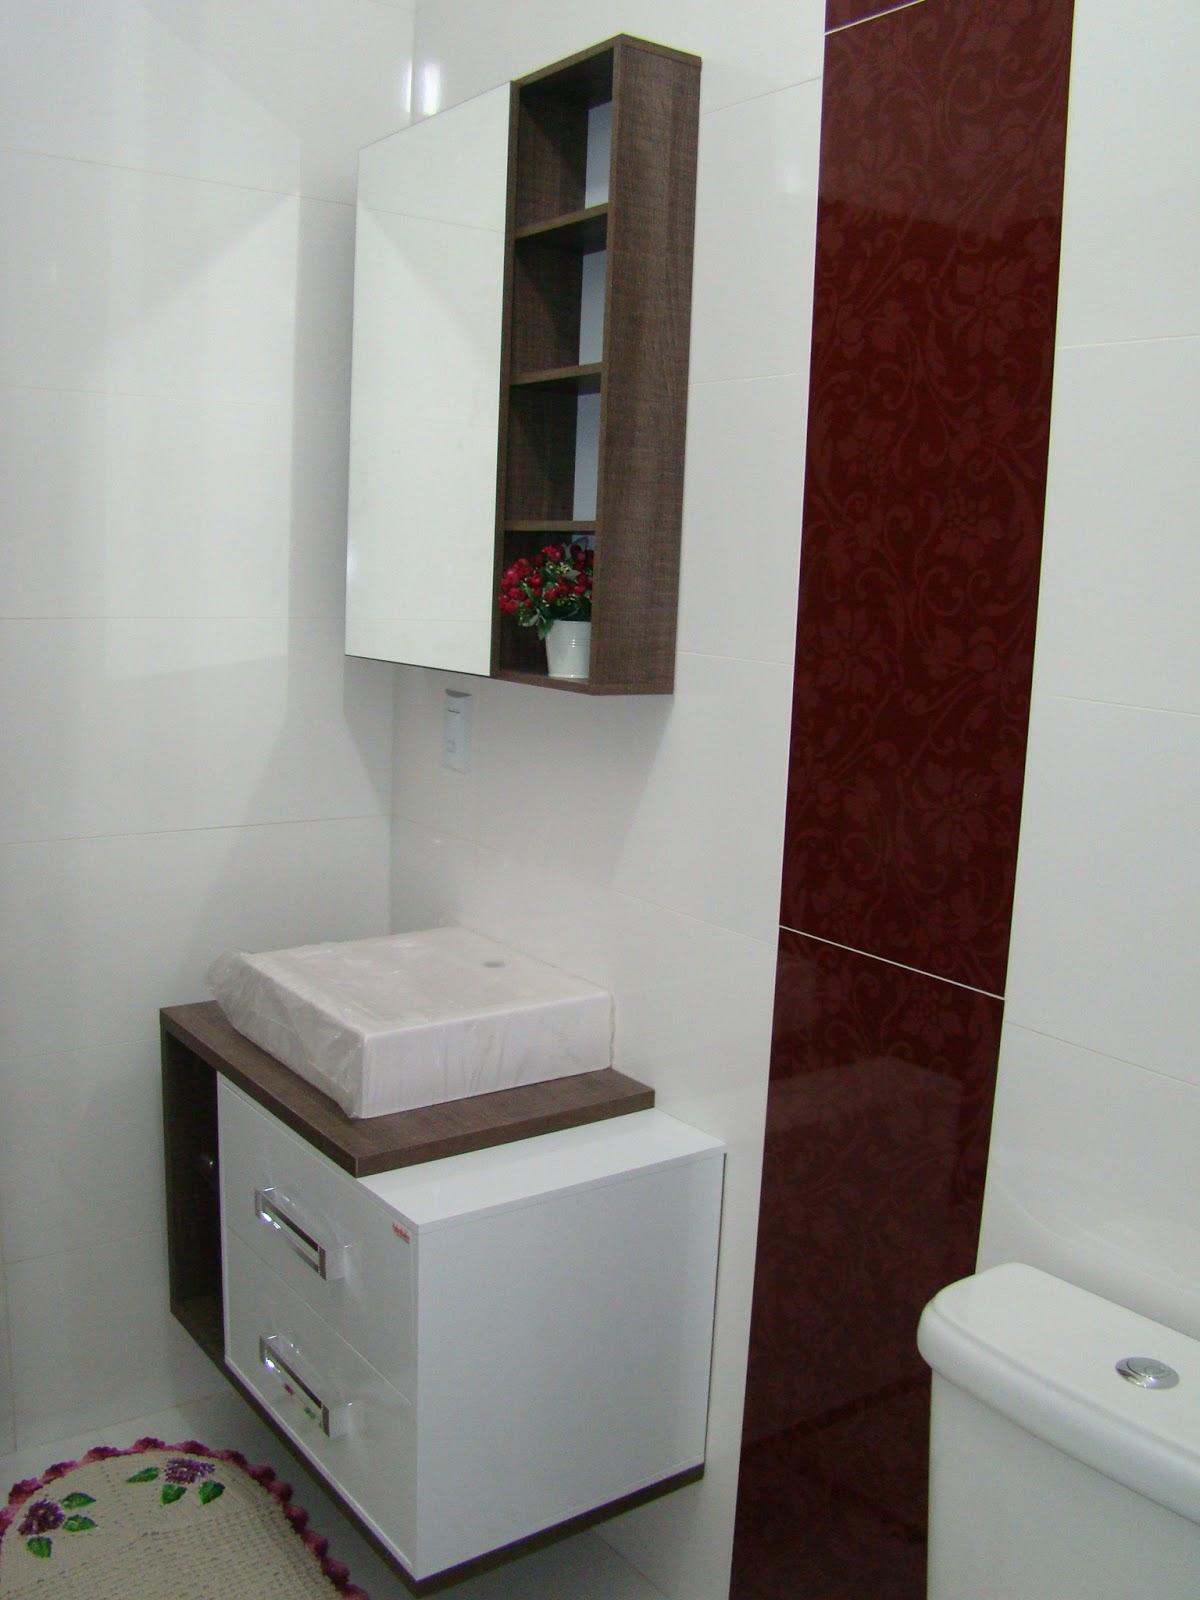 Olha que lindo o jogo de banheiro que minha sogra fez e me deu: #361B16 1200x1600 Balança Para Banheiro Comprar